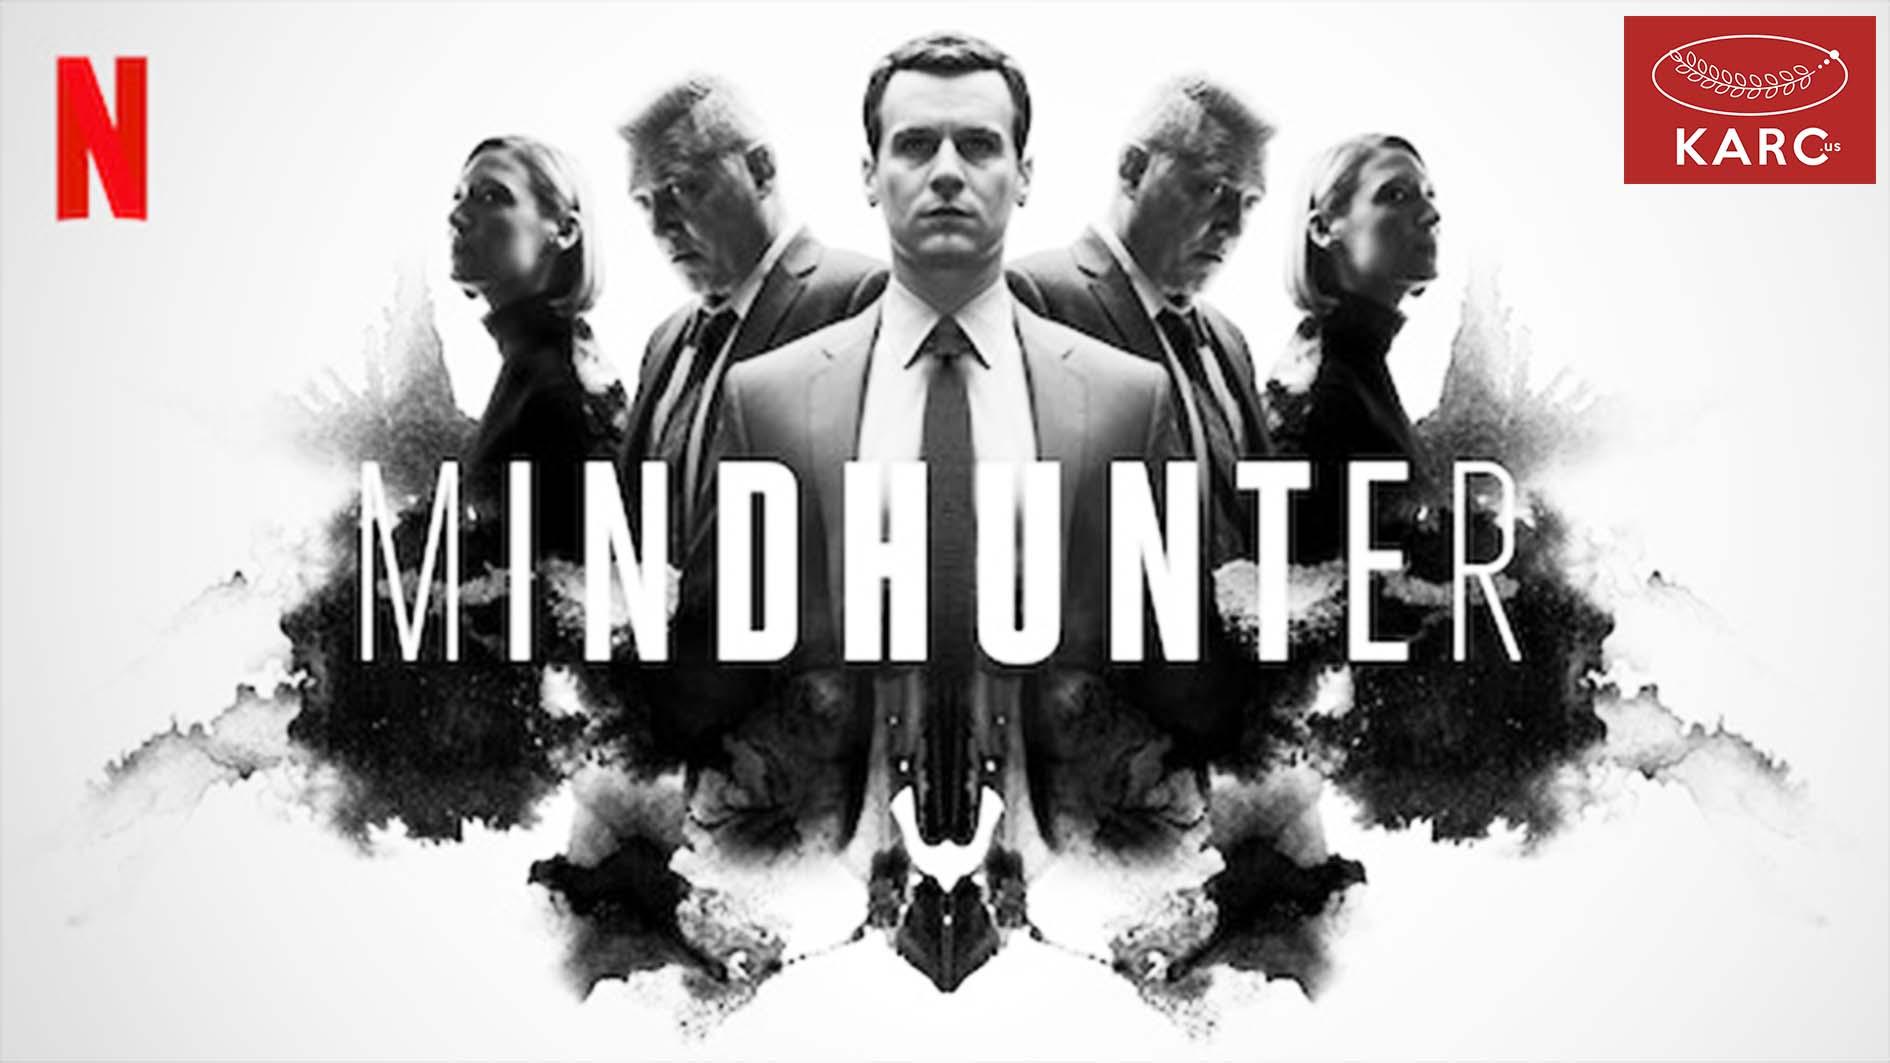 รีวิวซี่รี่ย์ Netflix Mindhunter สืบสวน เข้มข้น บาดลึก . karc.us , วงการภาพยนต์ , แนะนำหนังดี , แนะนำหนังน่าดูหนังน่าดู , รีวิวหนังใหม่ , ก่อนตายต้องได้ดู! , ข่าวดารา , ข่าวเด่นประเด็นร้อน , รีวิวหนังใหม่ , หนังดังในอดีต